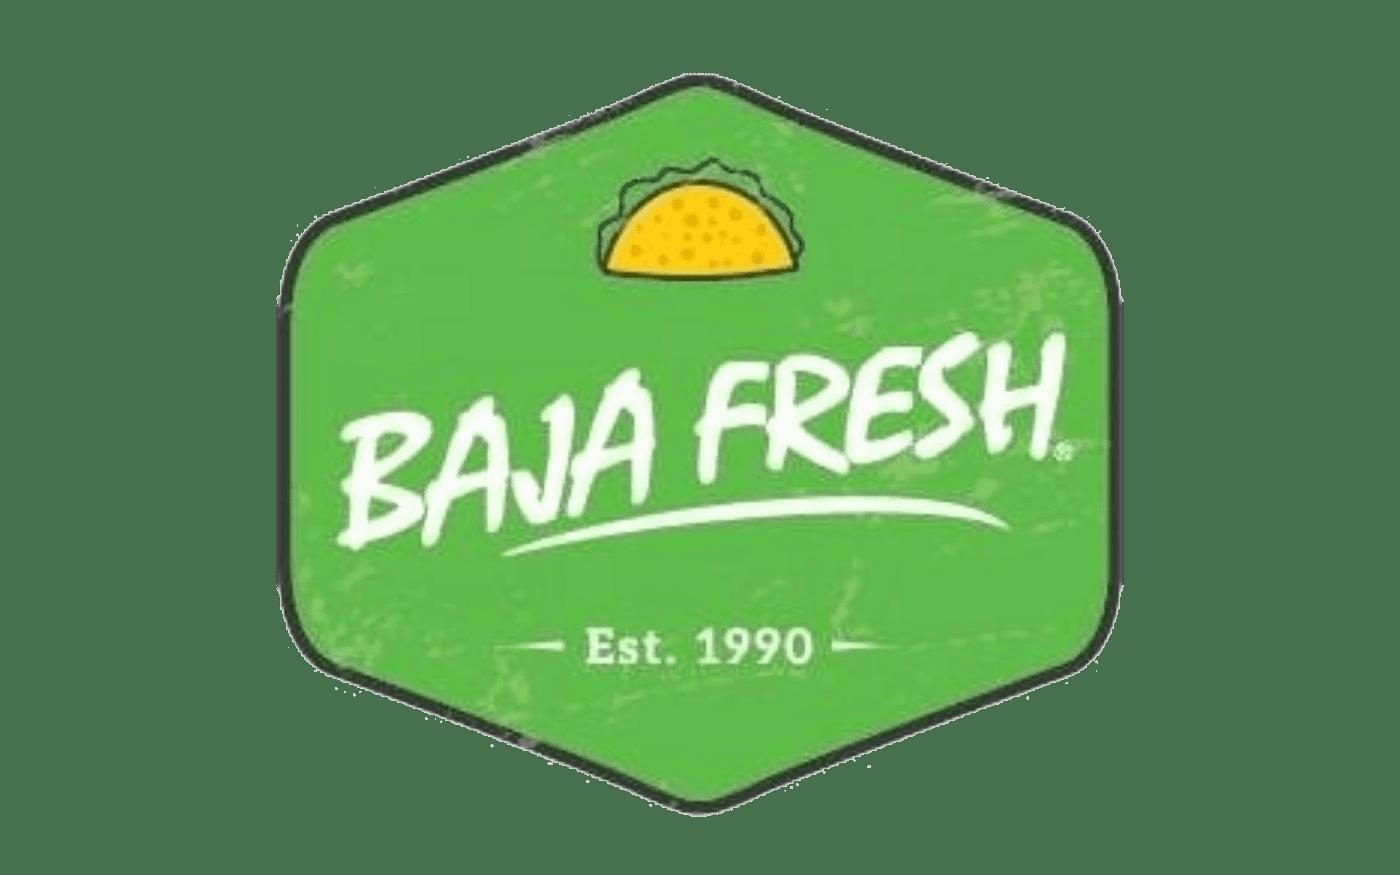 Baja fresh - buy $35 in  gift card and get $15 bonus card